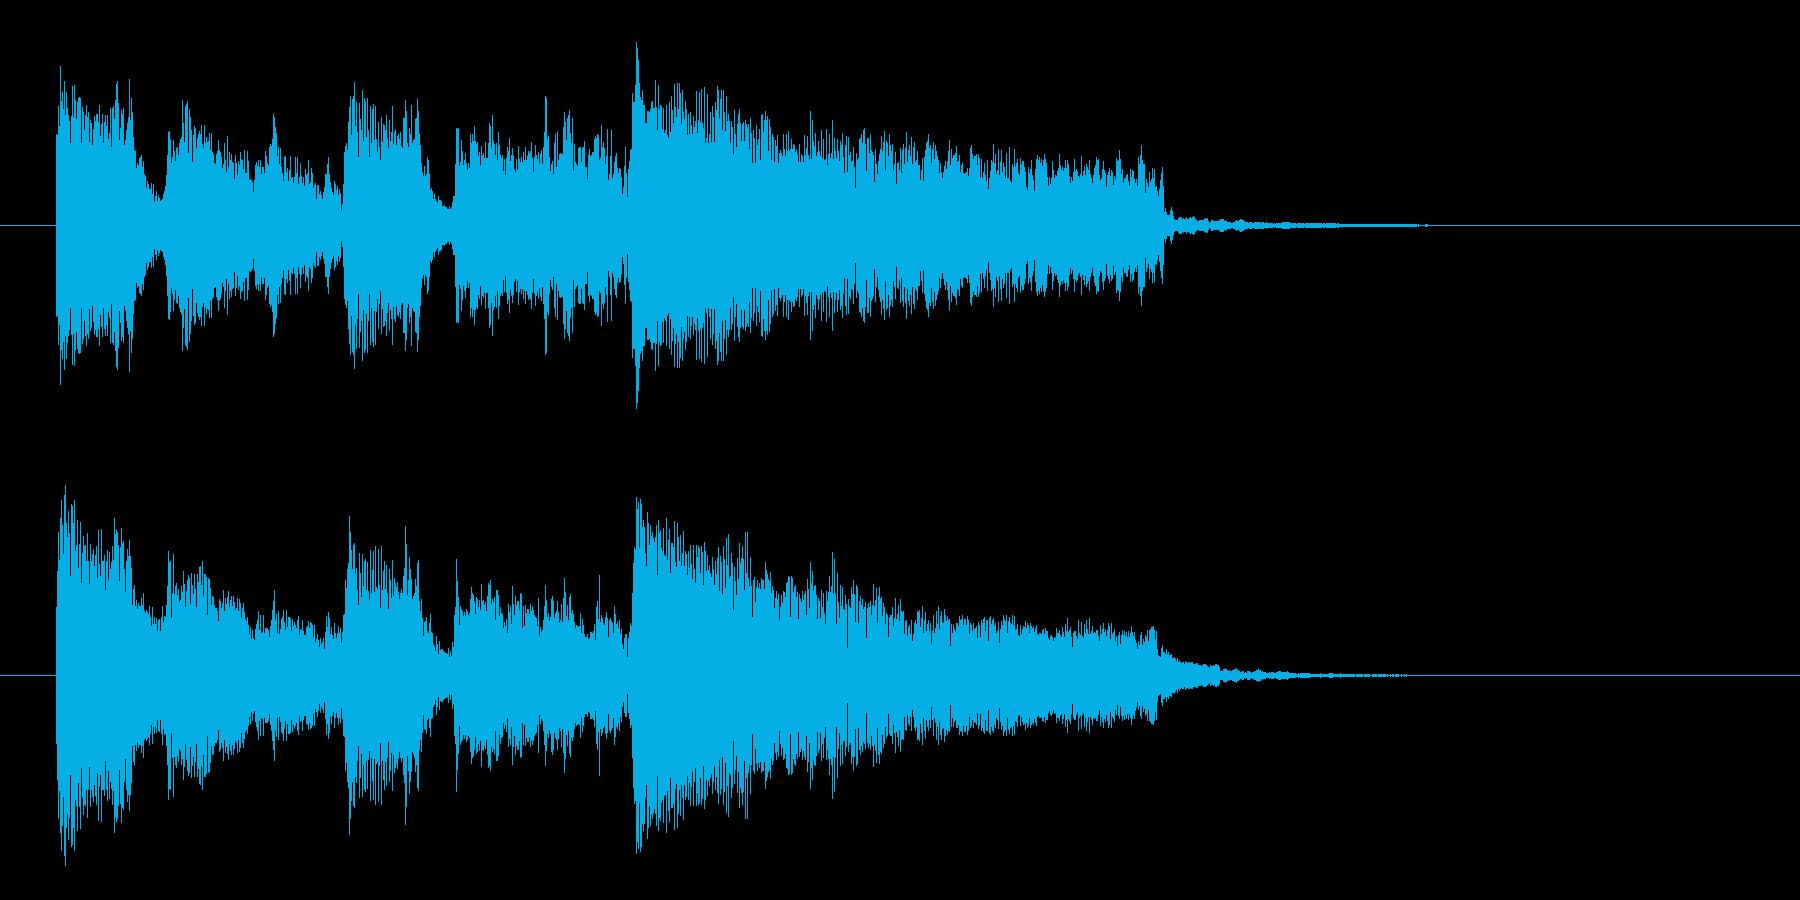 明るく軽やかな短めのアップテンポな曲の再生済みの波形